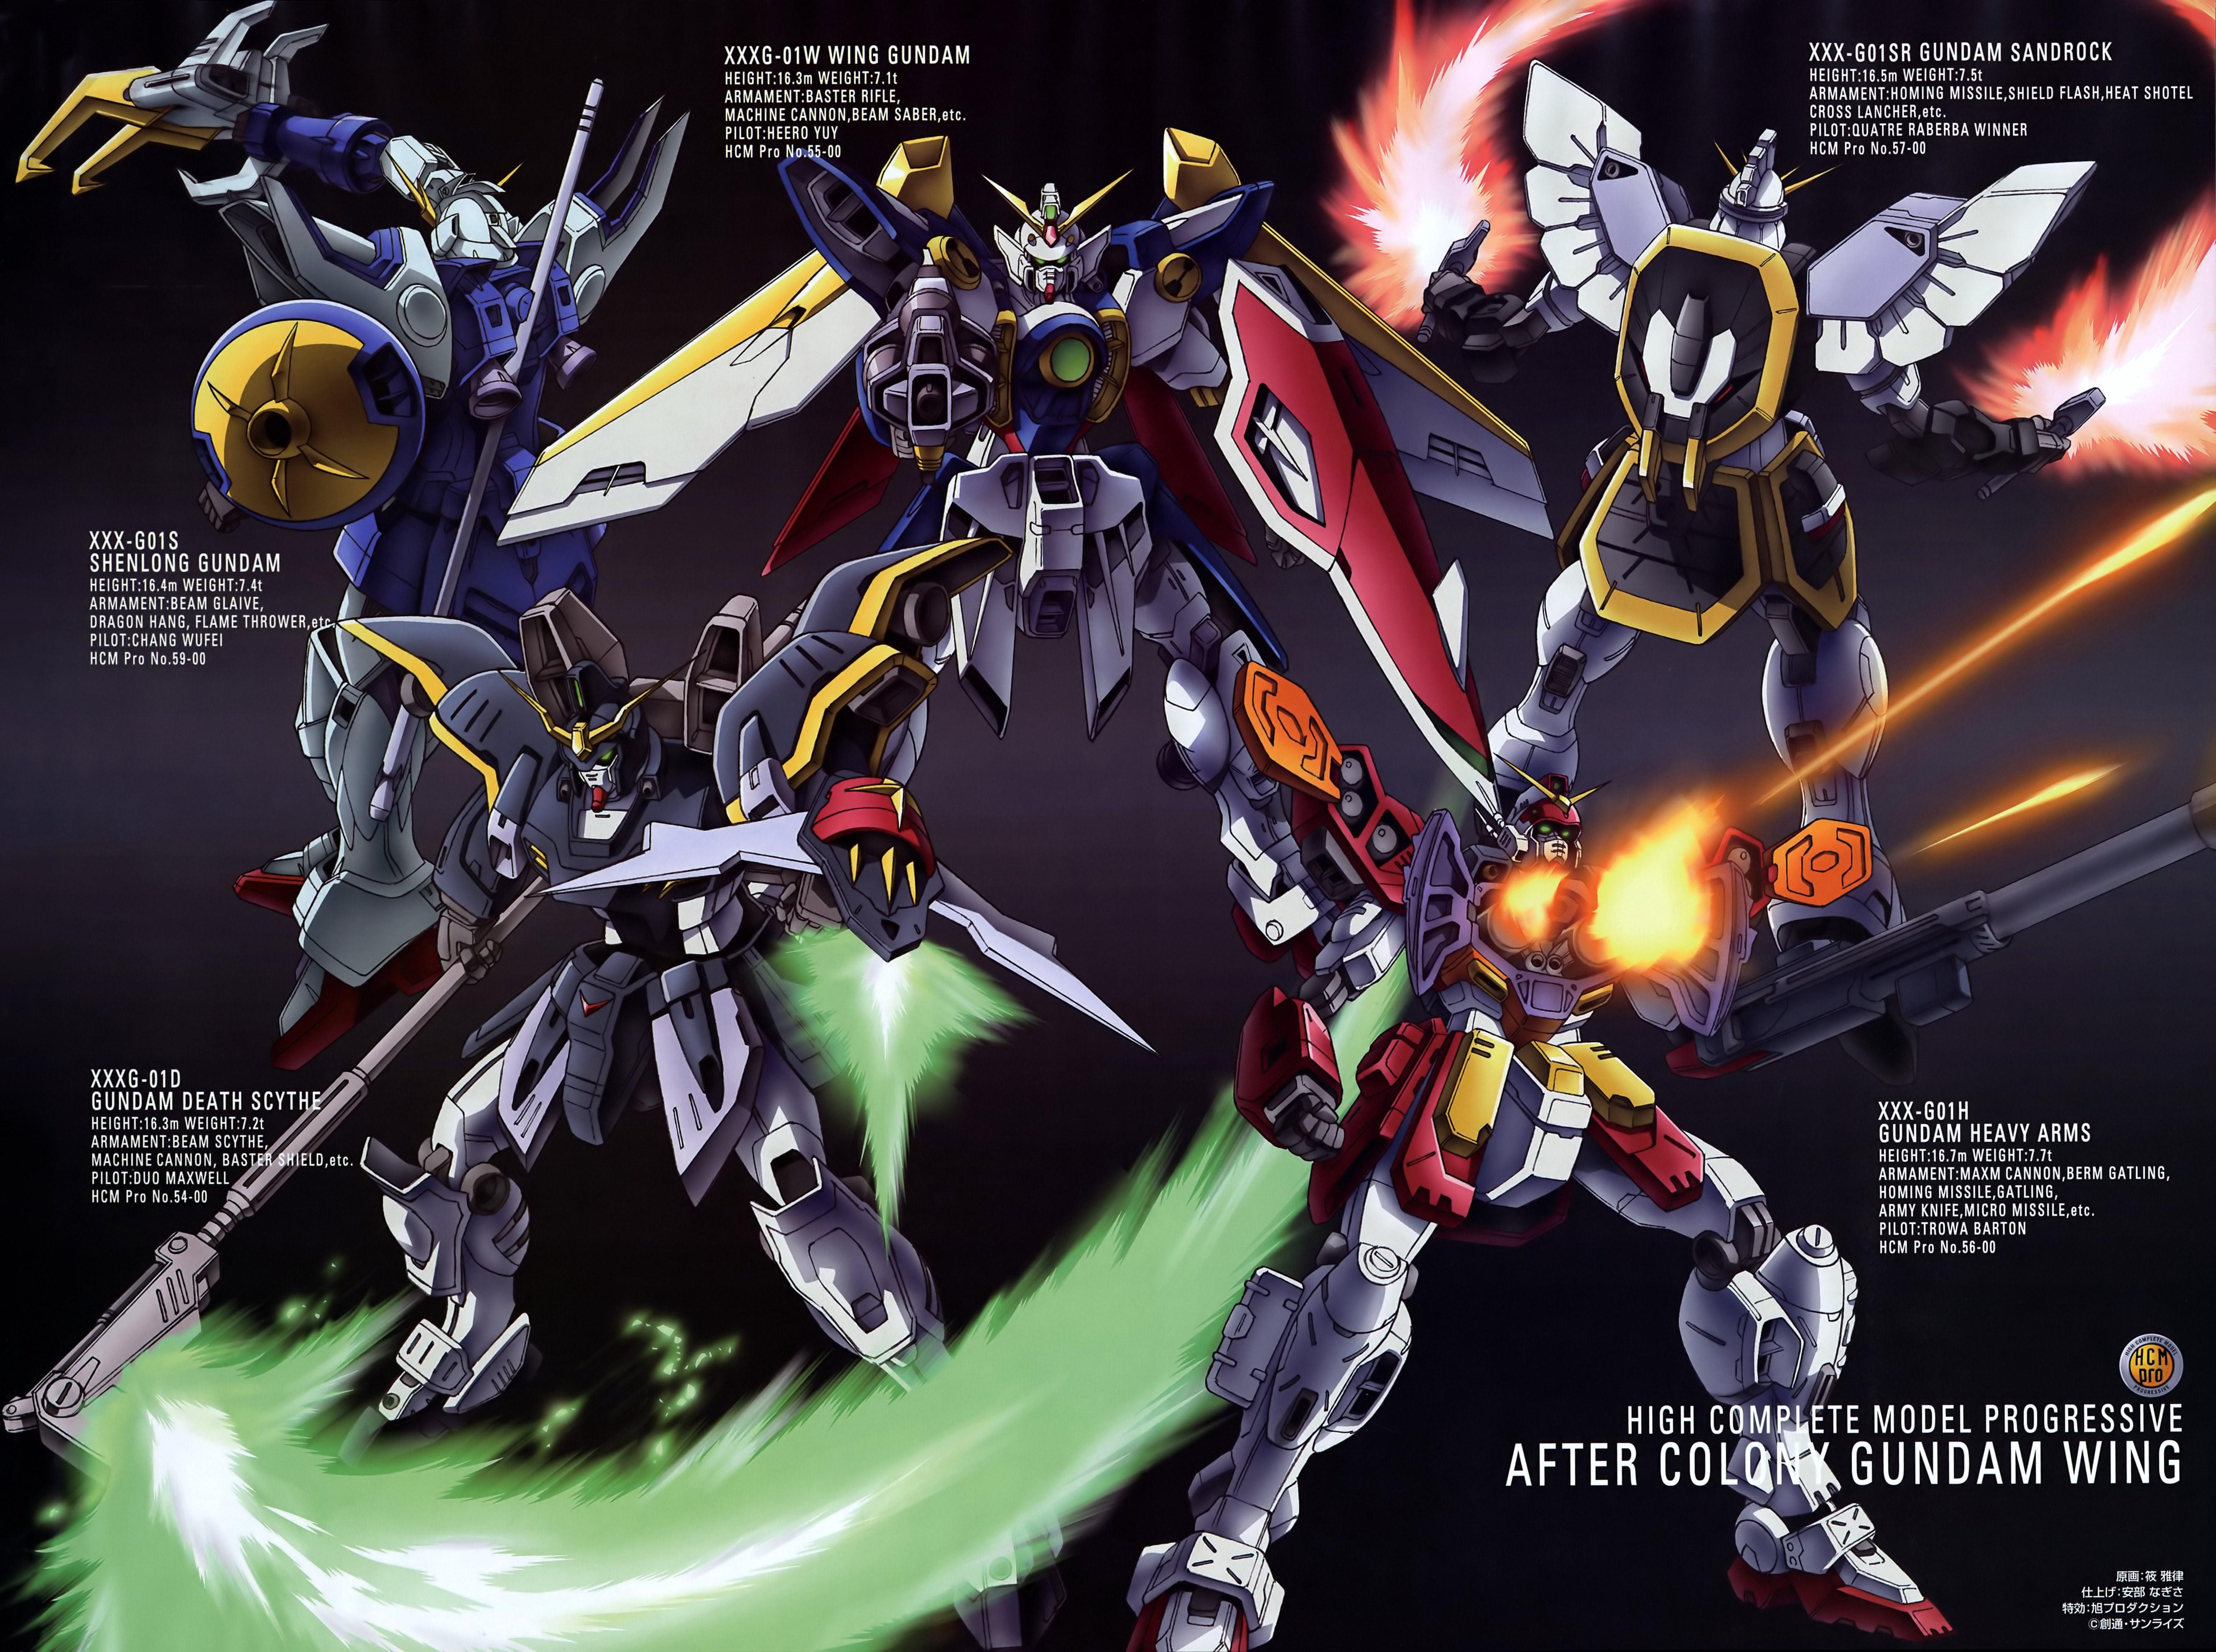 High Resolution Wallpaper | Gundam 5301x3953 px